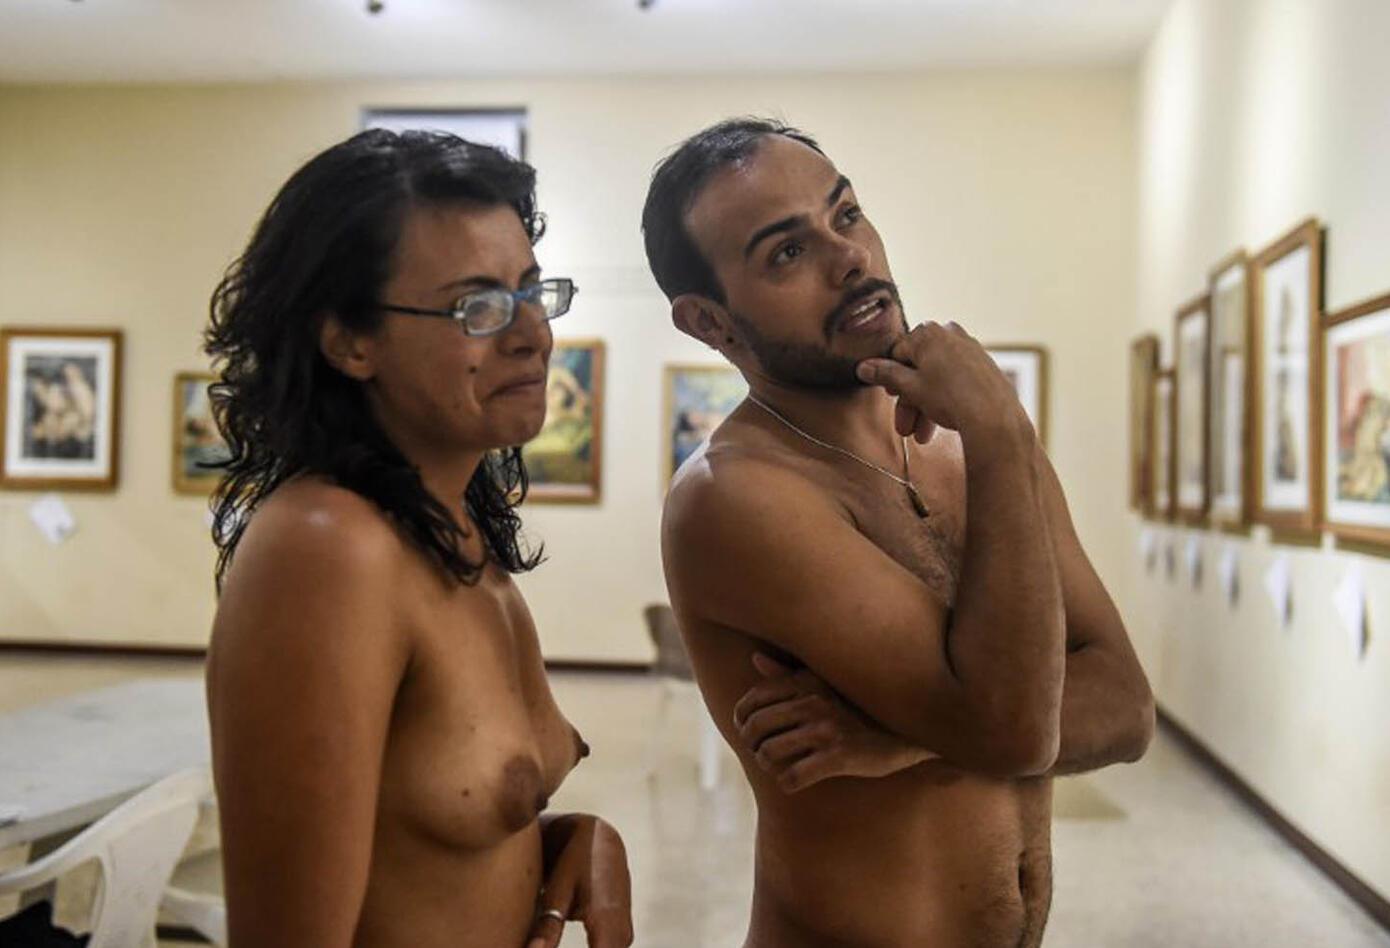 El colectivo nudista 'Otro Cuento' fue el encargado de participar. Personas de todas las edades asistieron a la muestra artística.